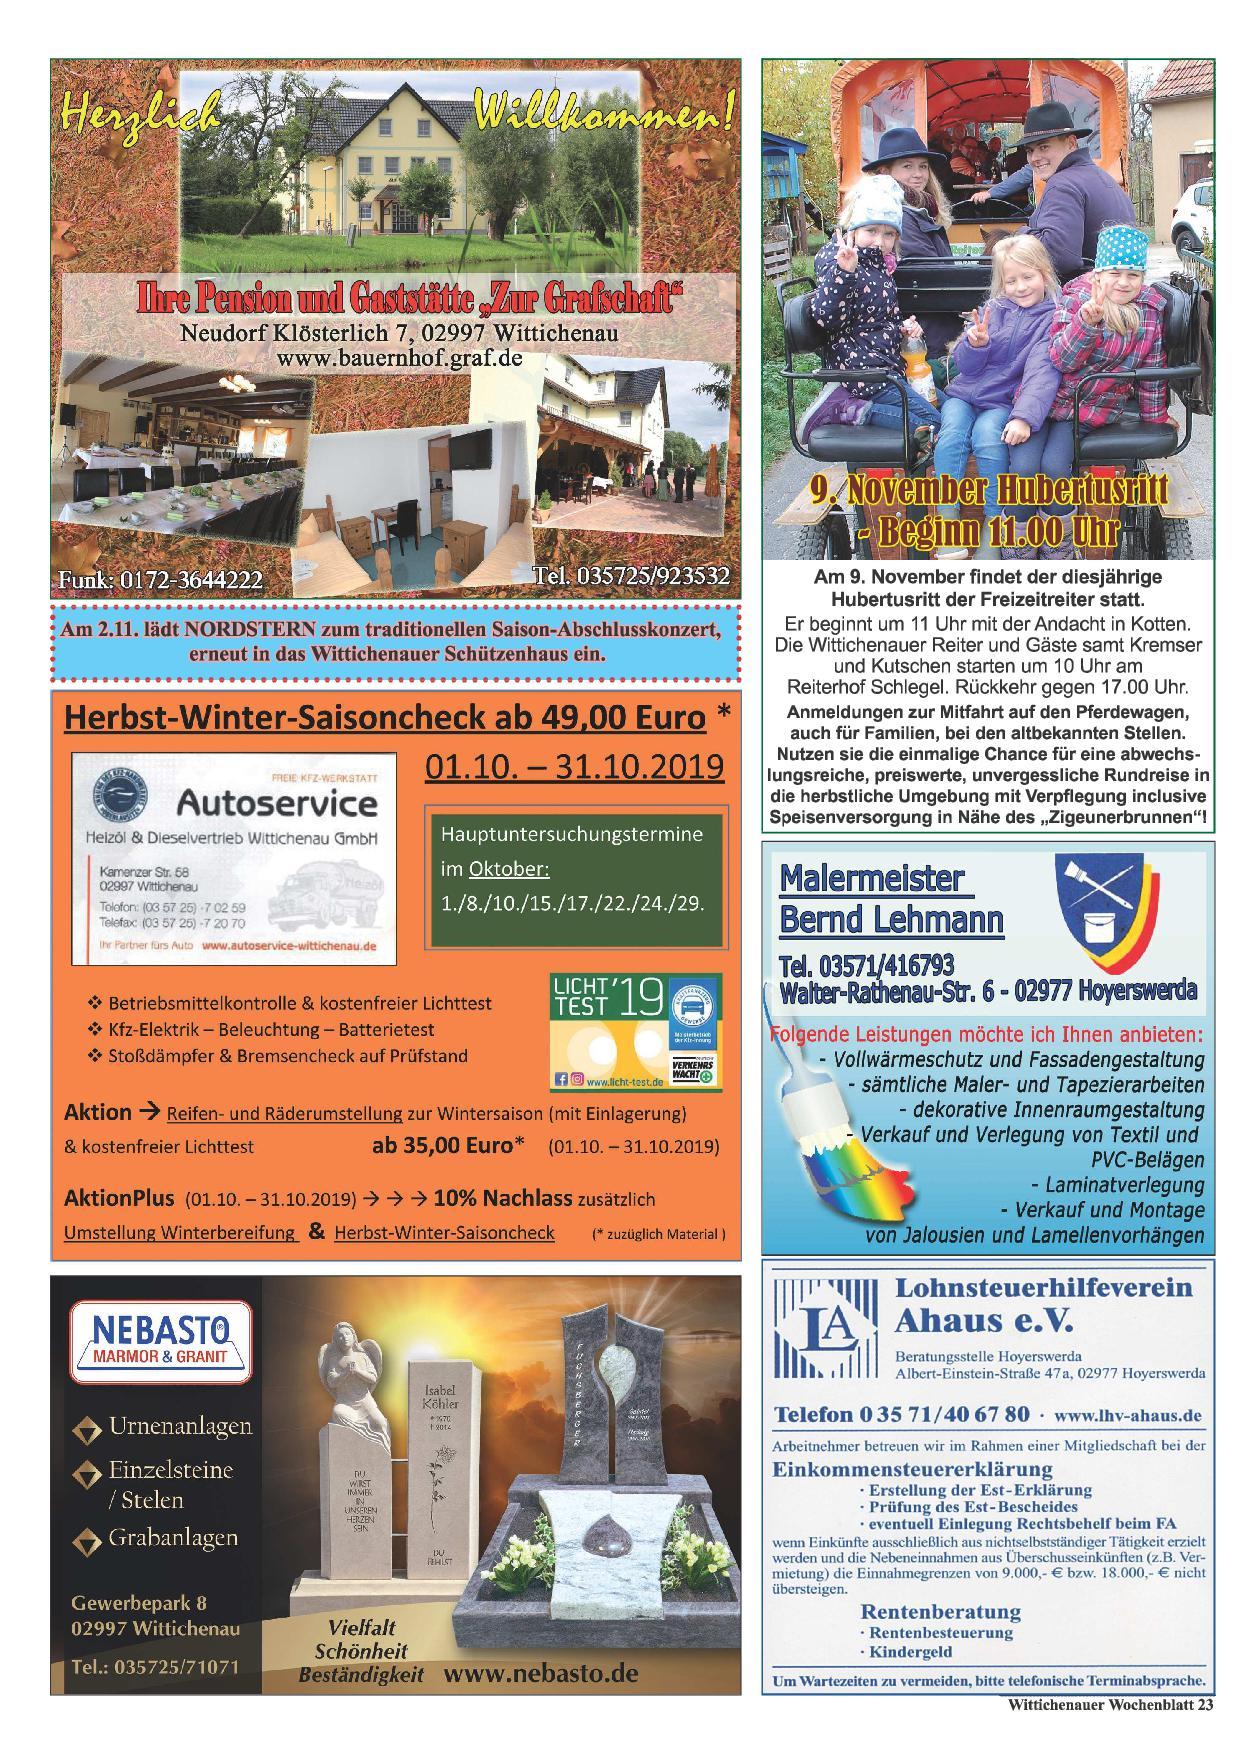 Wochenblatt Nr. 20 - 2019